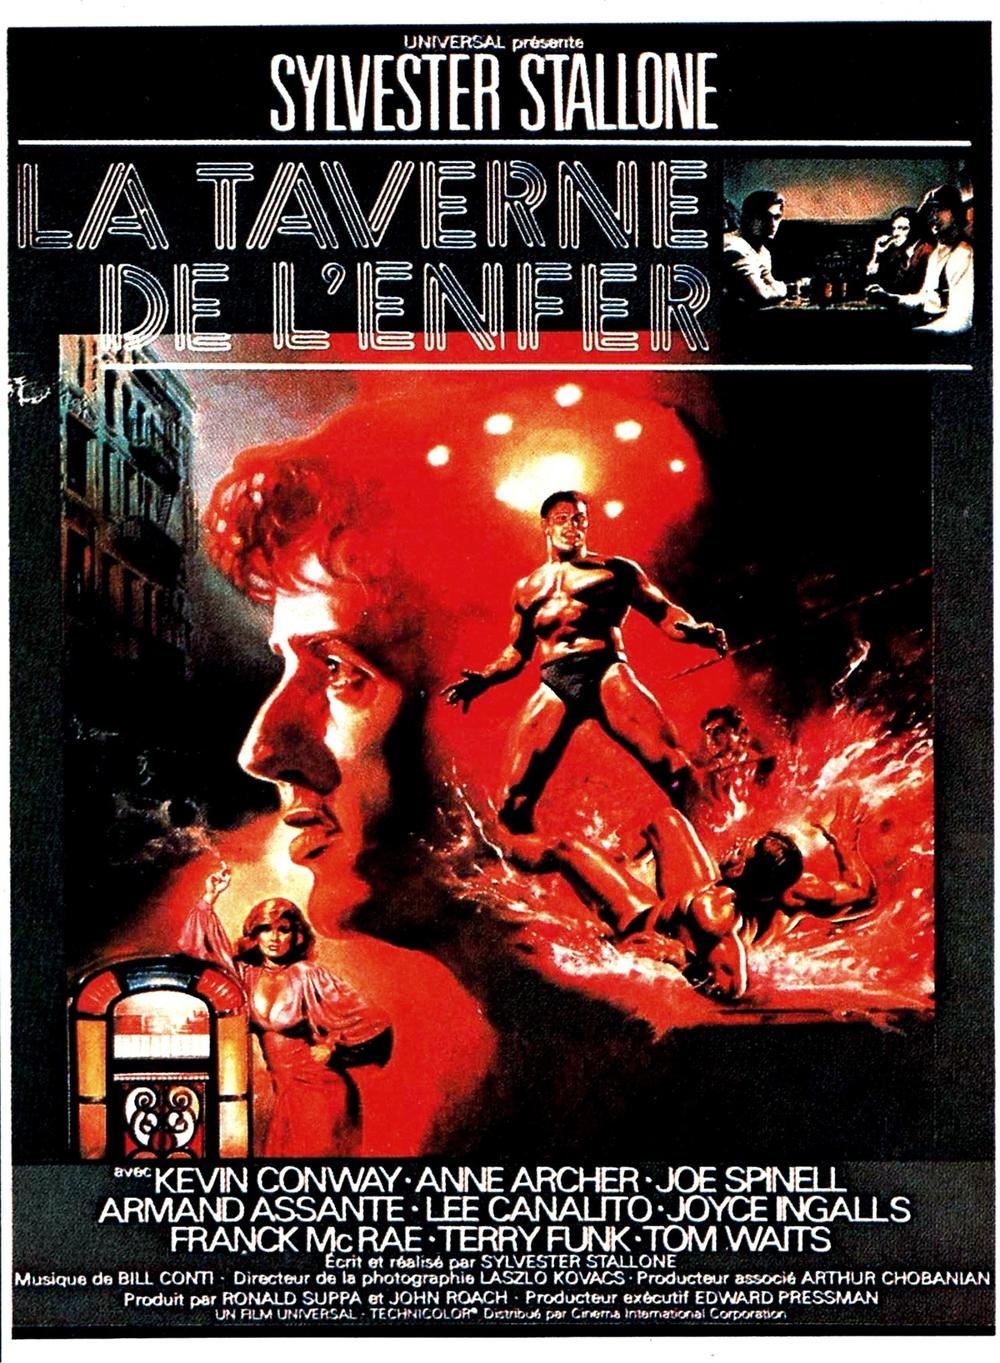 affiche du film La taverne de l'enfer